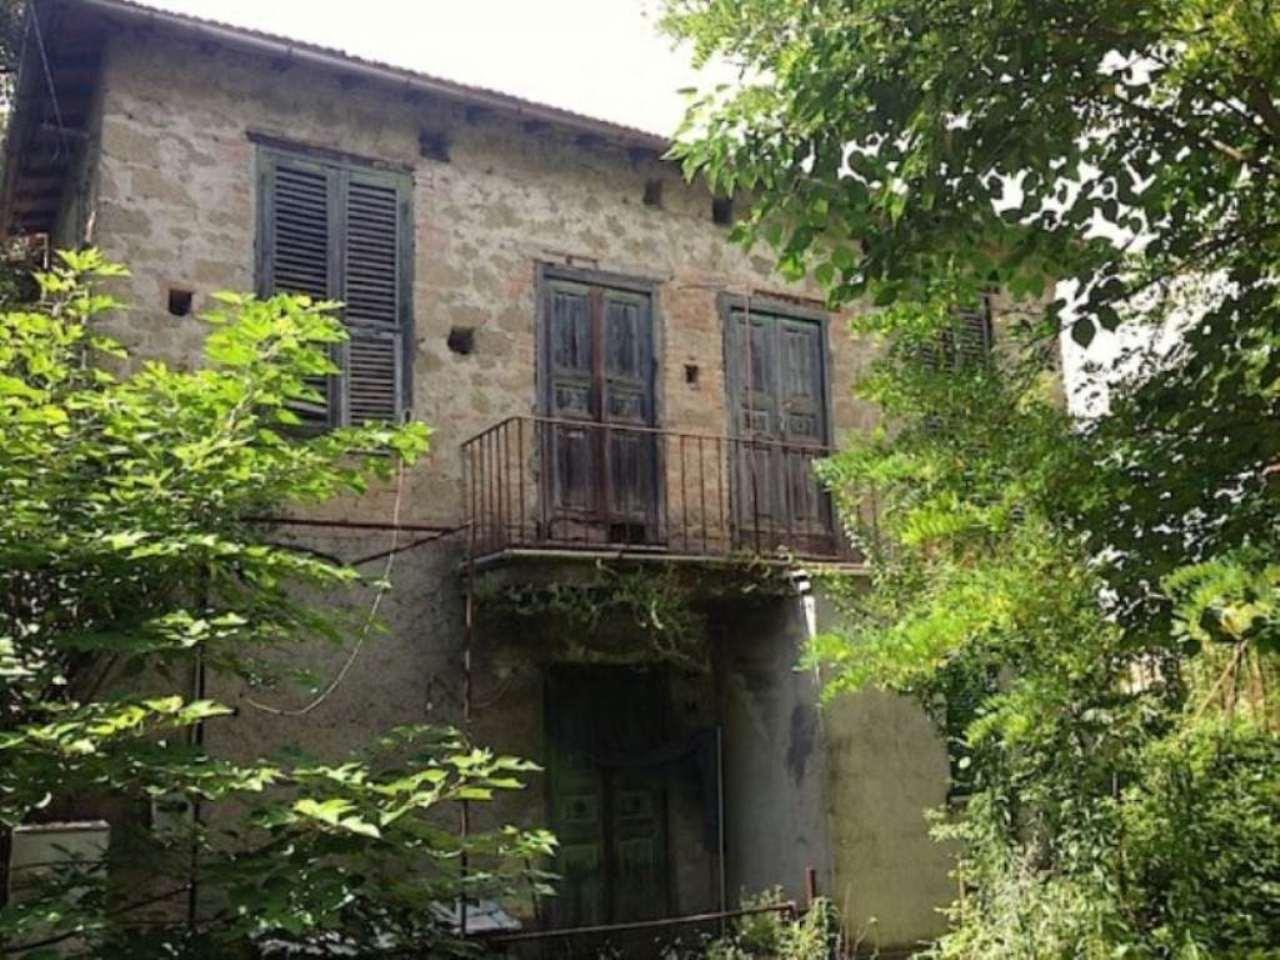 Rustico / Casale in vendita a Montopoli di Sabina, 6 locali, prezzo € 85.000 | Cambio Casa.it